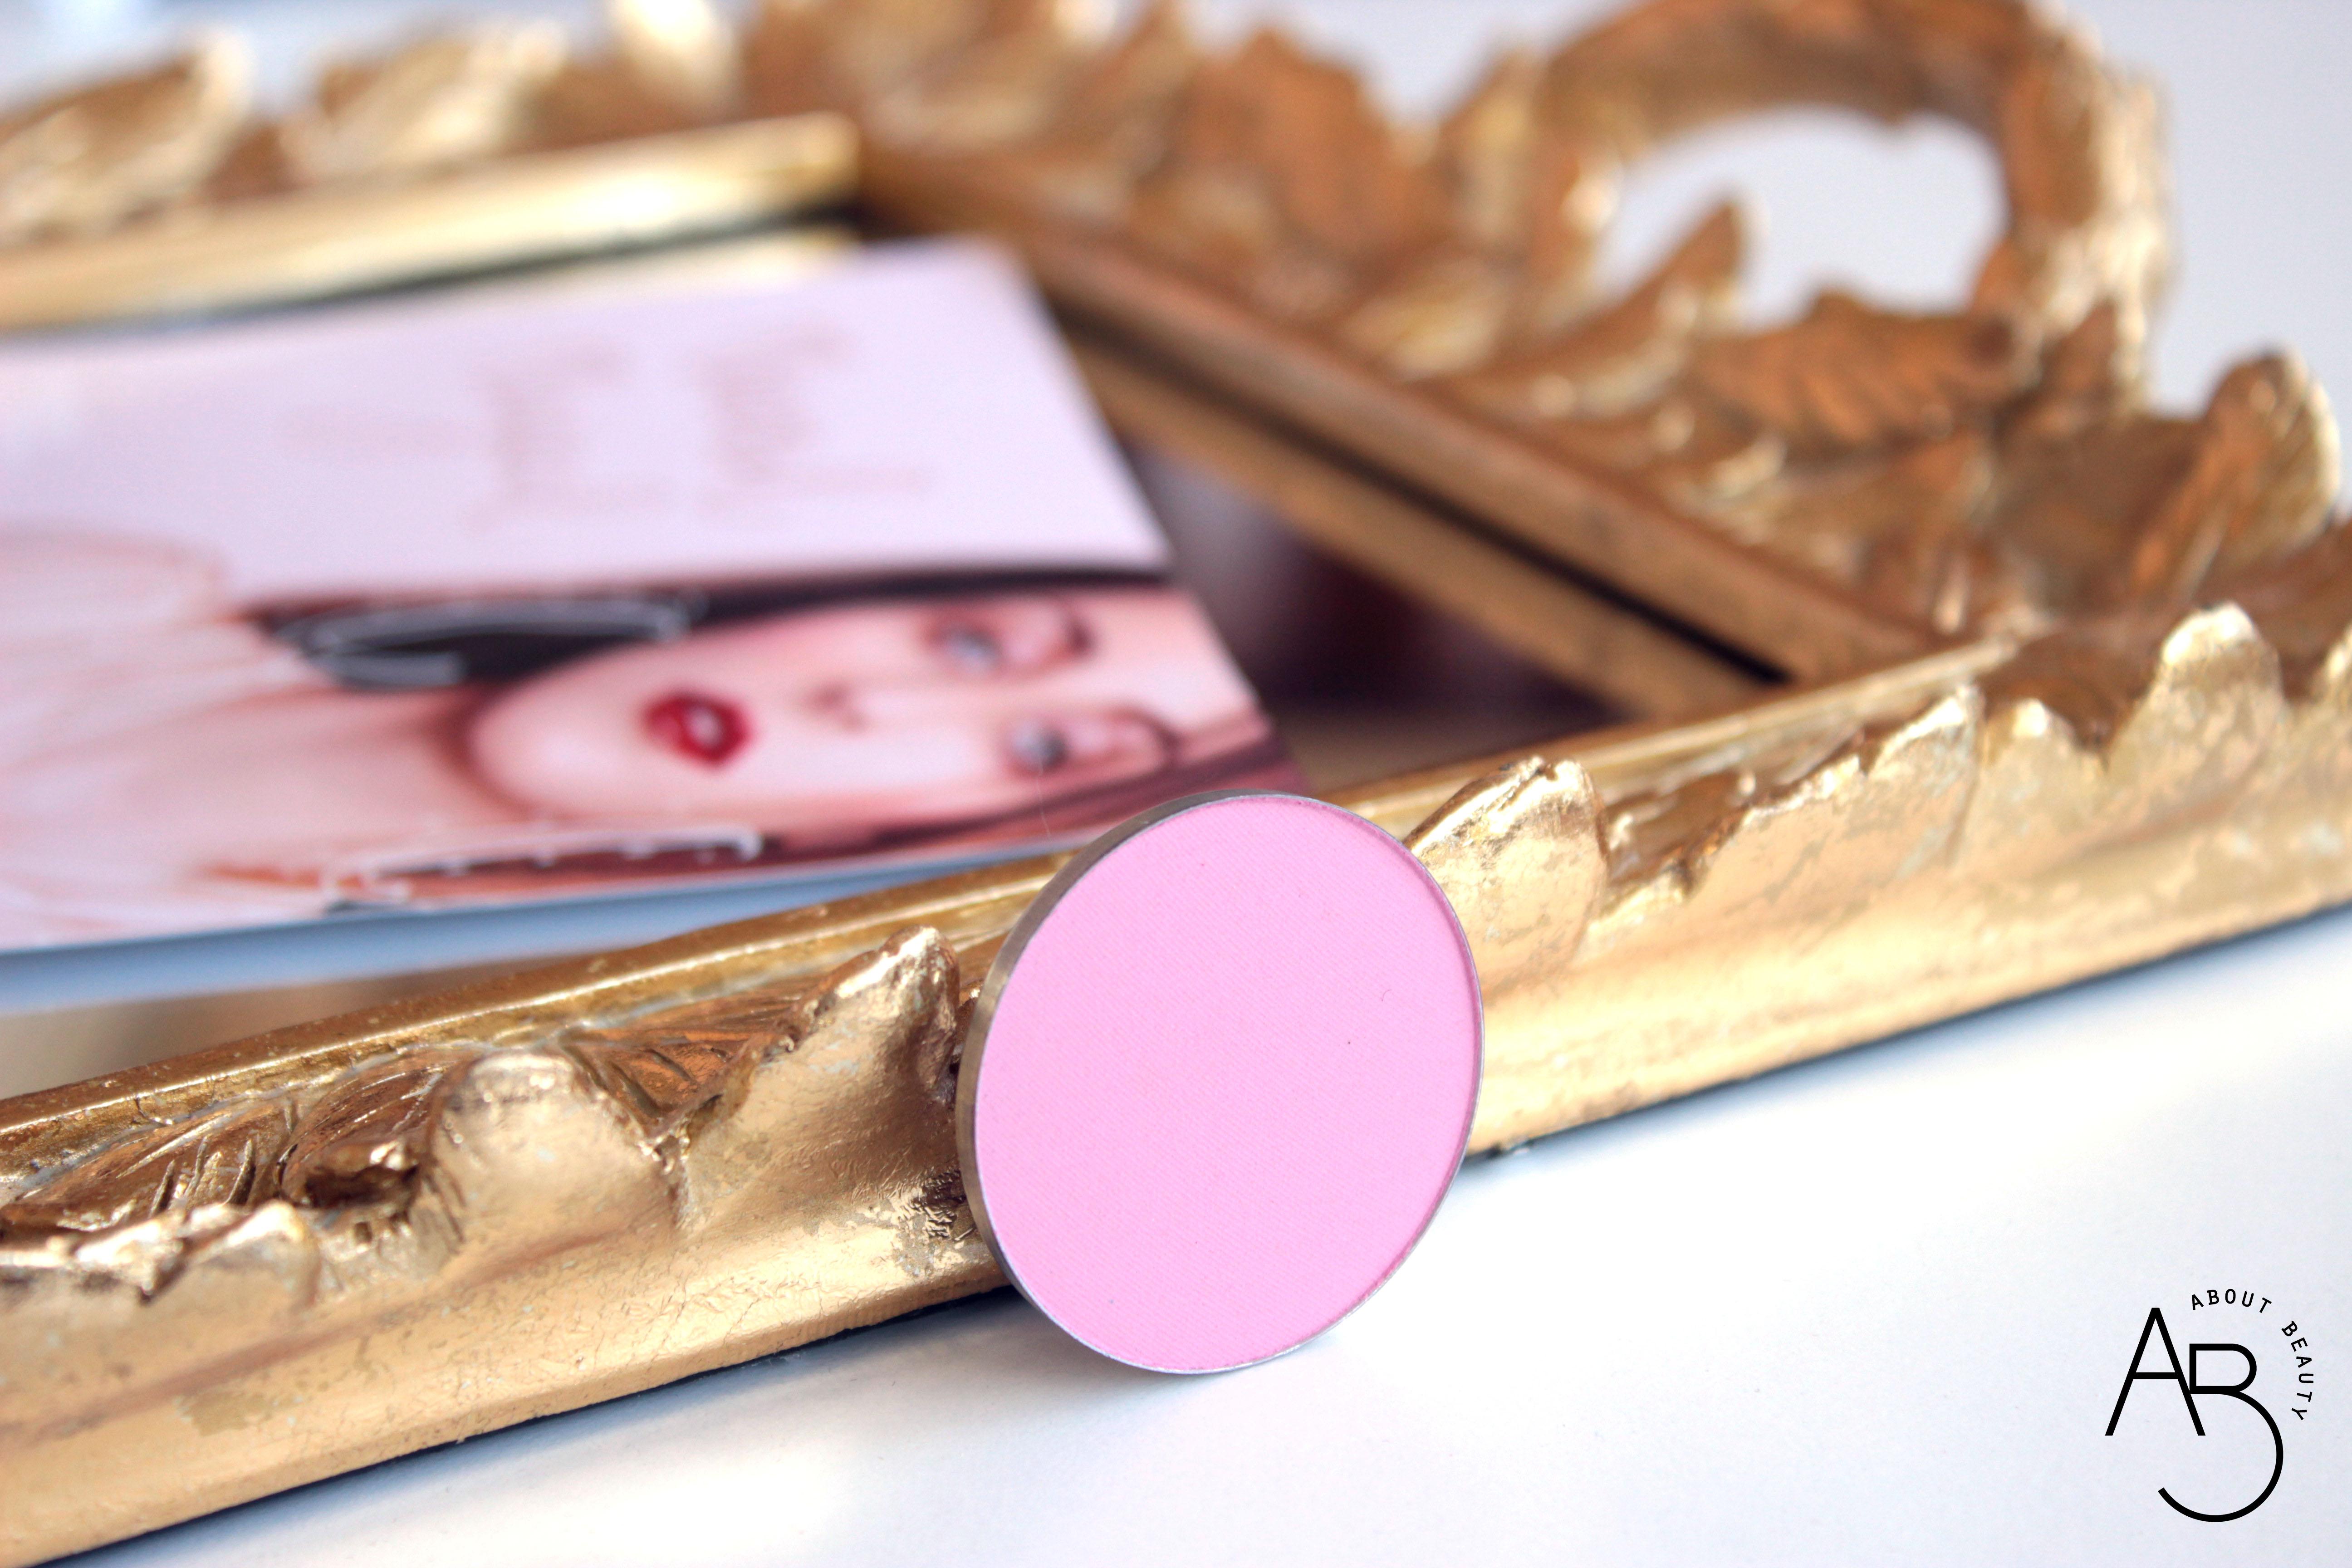 Neve Cosmetics Minimal Magical Nuova Collezione Autunno Inverno 2018 - Recensione, review, info, inci, swatches, prezzo, sconto - Blush Dizzy